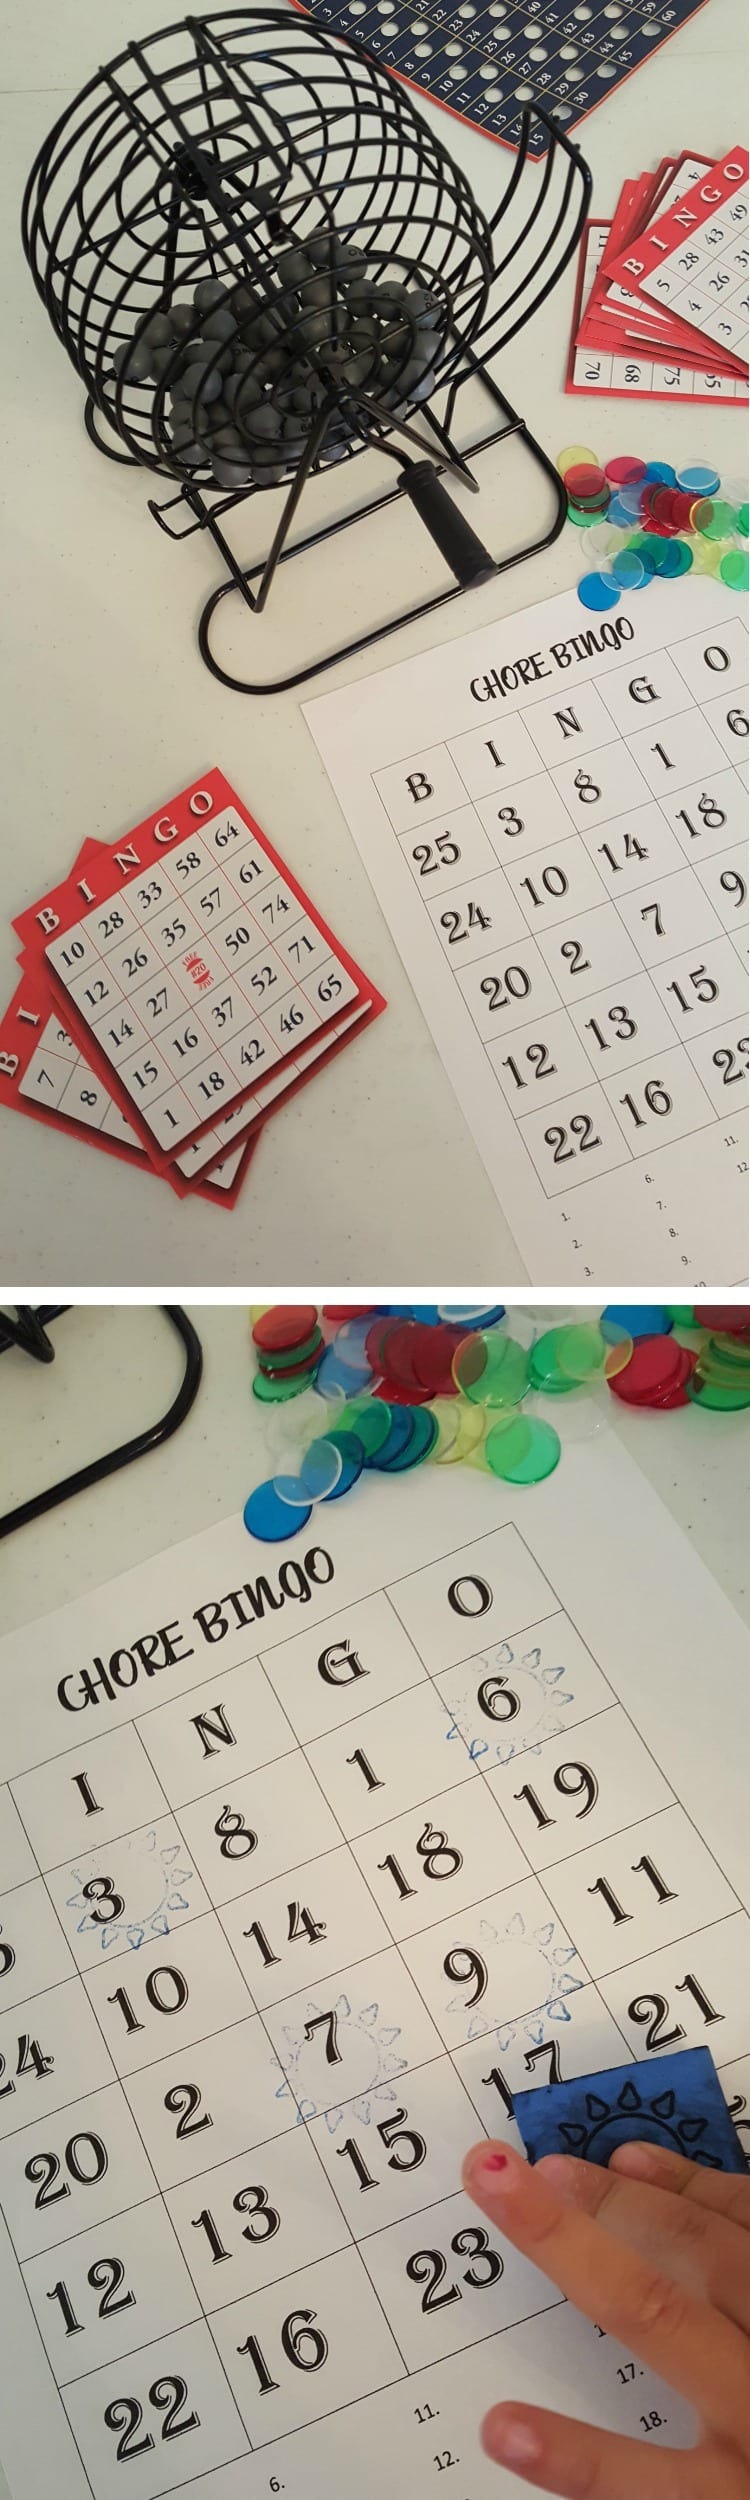 Chore Chart - Bingo Game